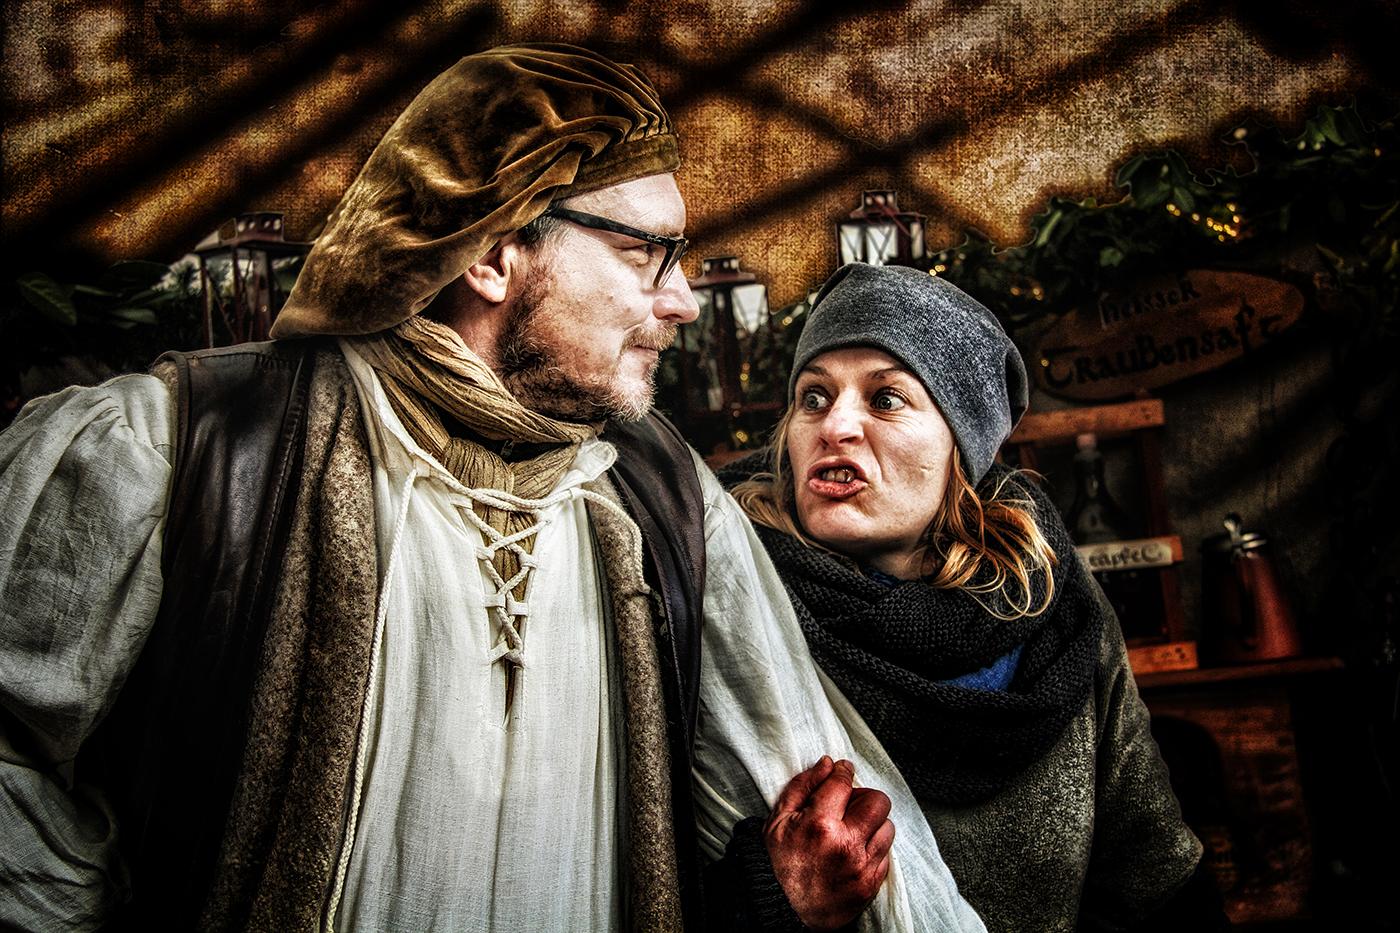 Weihnachtsmarkt Siegburg-03 © Dr. Doris Nsiff